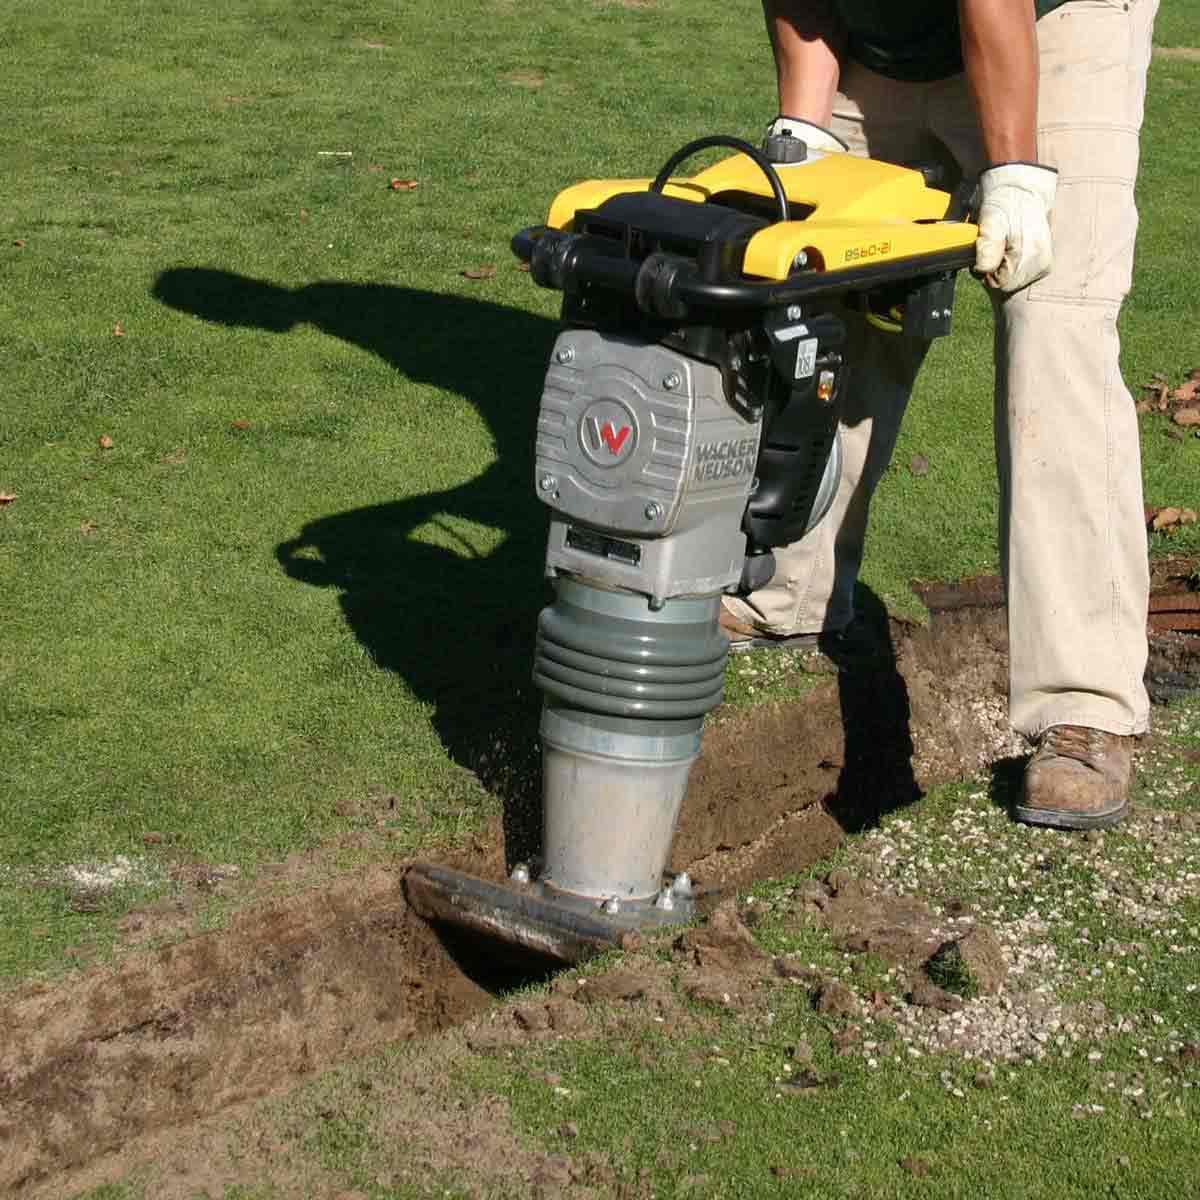 Wacker Neuson BS60-2i Soil Trench Rammer